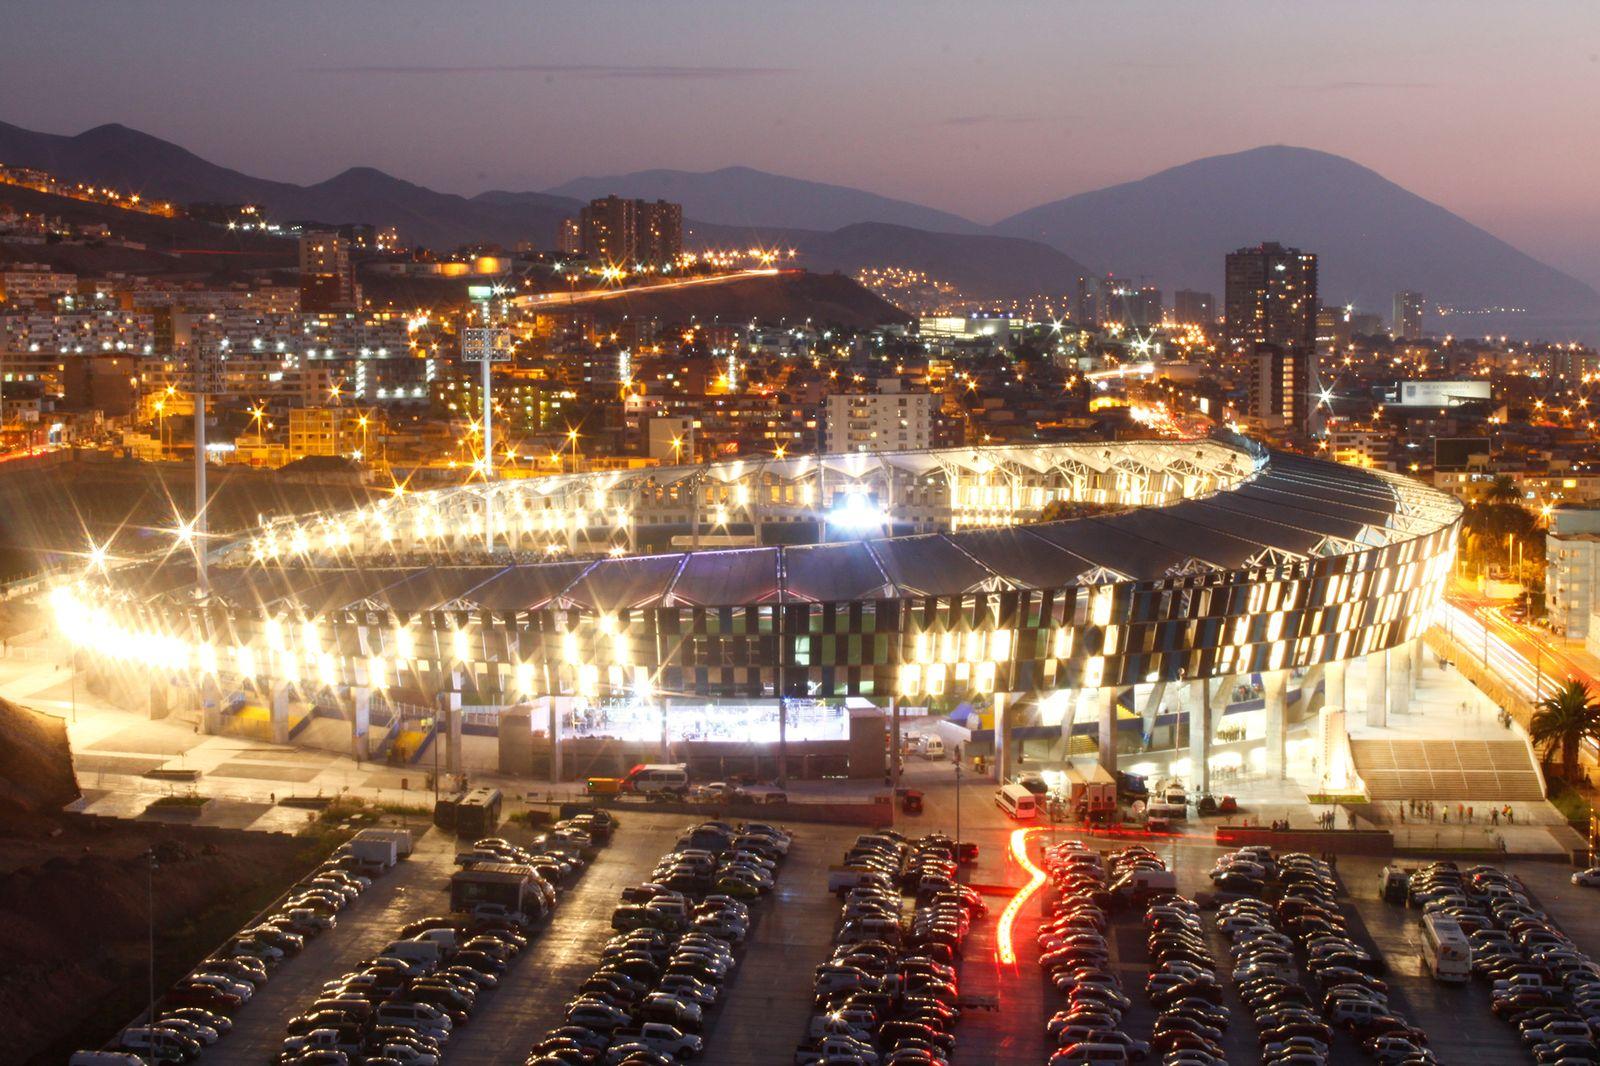 estadio_regional_antofagasta13.jpg